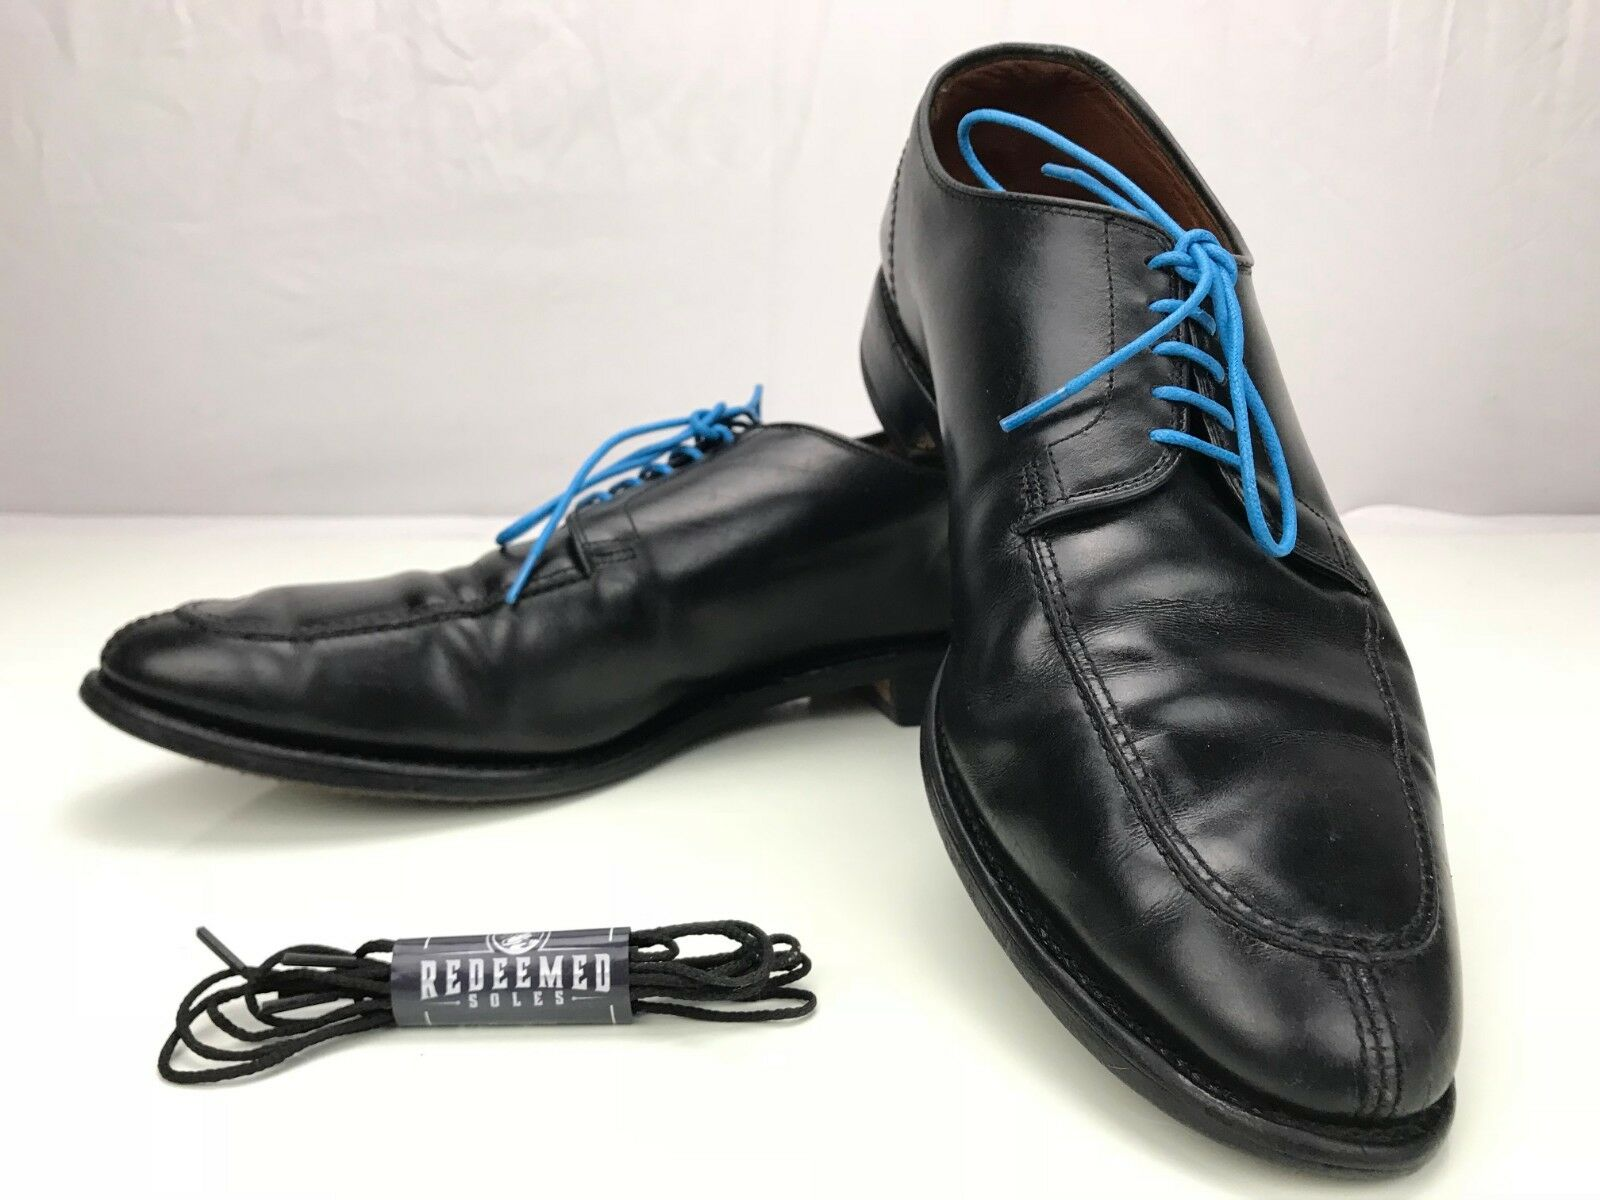 Allen Edmonds Lasalle Apron Split Toe - Black Leather Dress shoes USA Mens Sz 12D